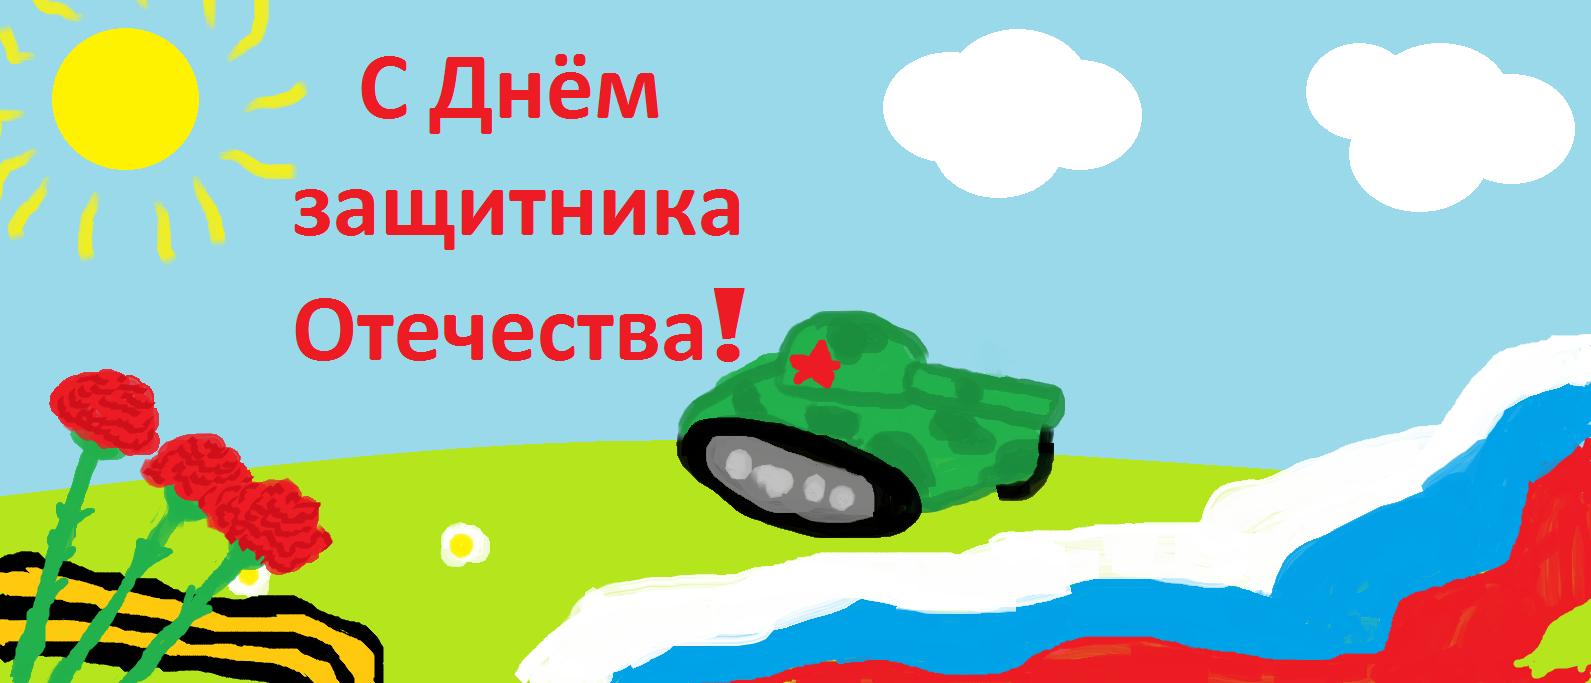 Сценарий для взрослых ко дню защитника отечества